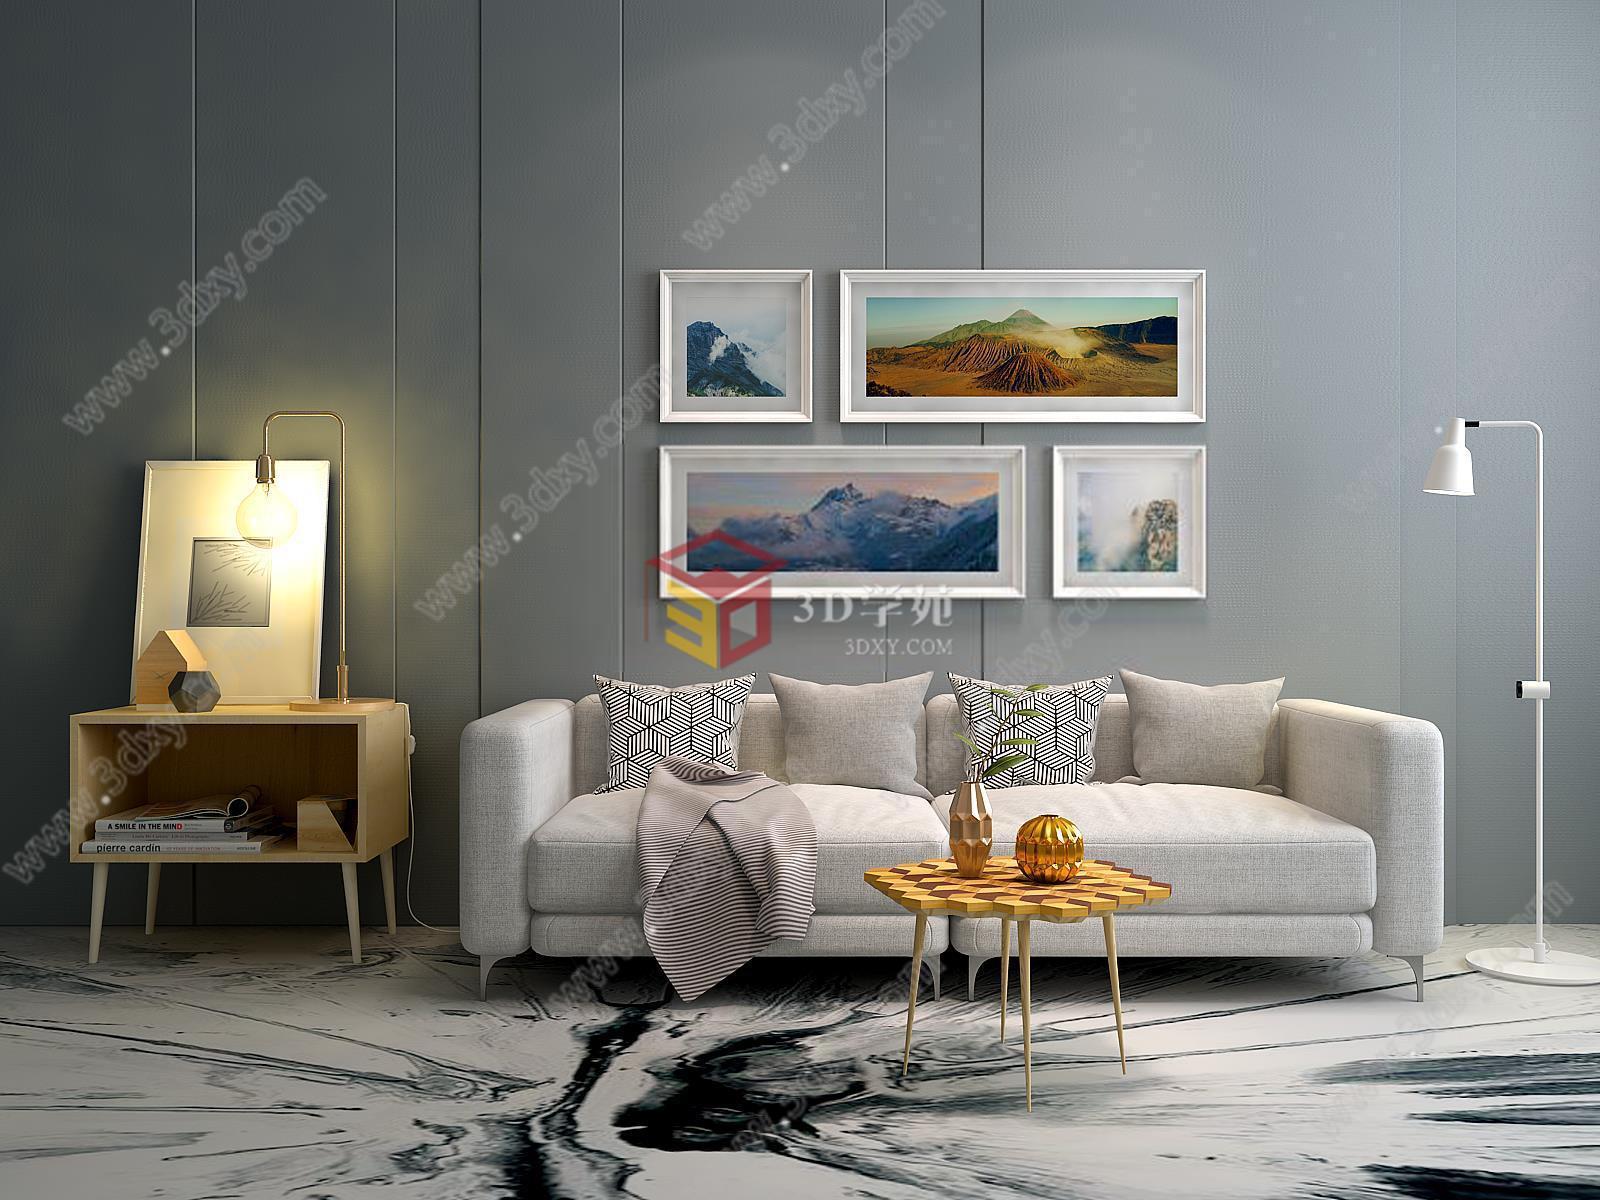 时尚客厅沙发茶几背景墙组合模型